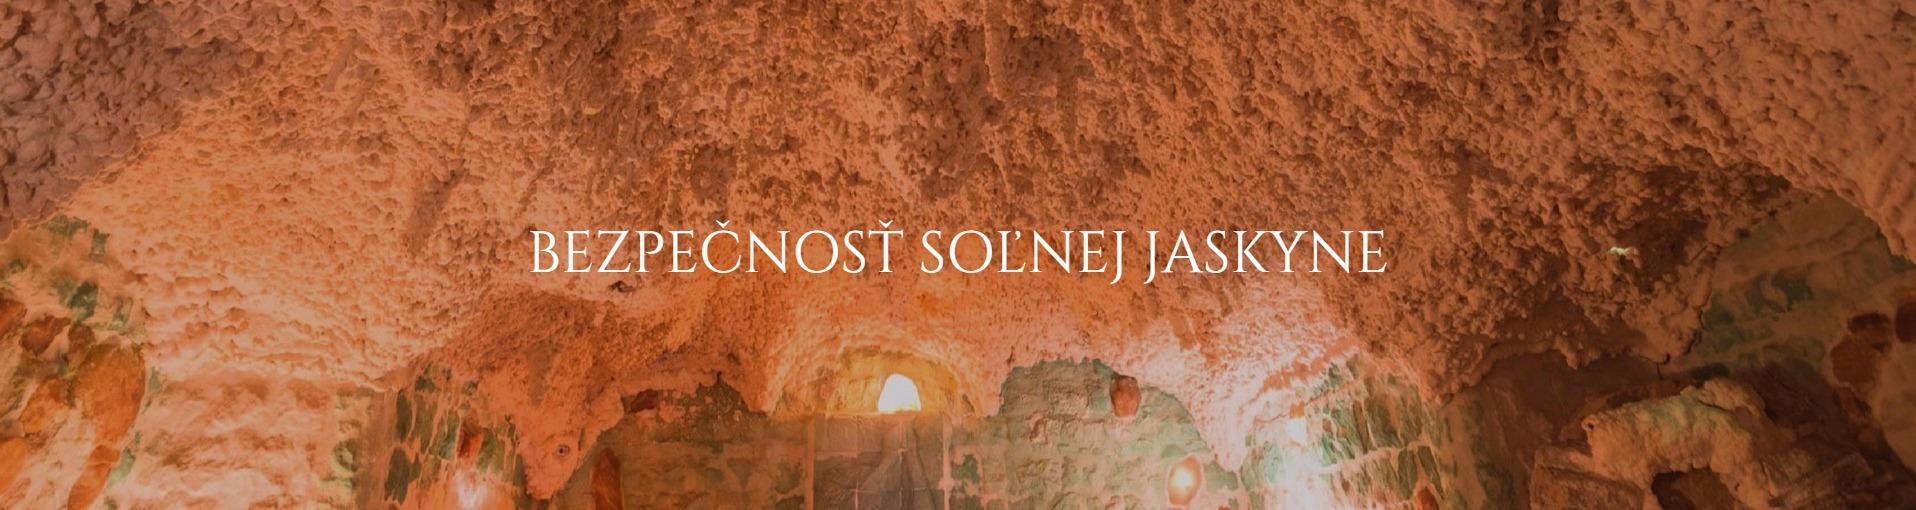 Bezpecnost solnej jaskyne